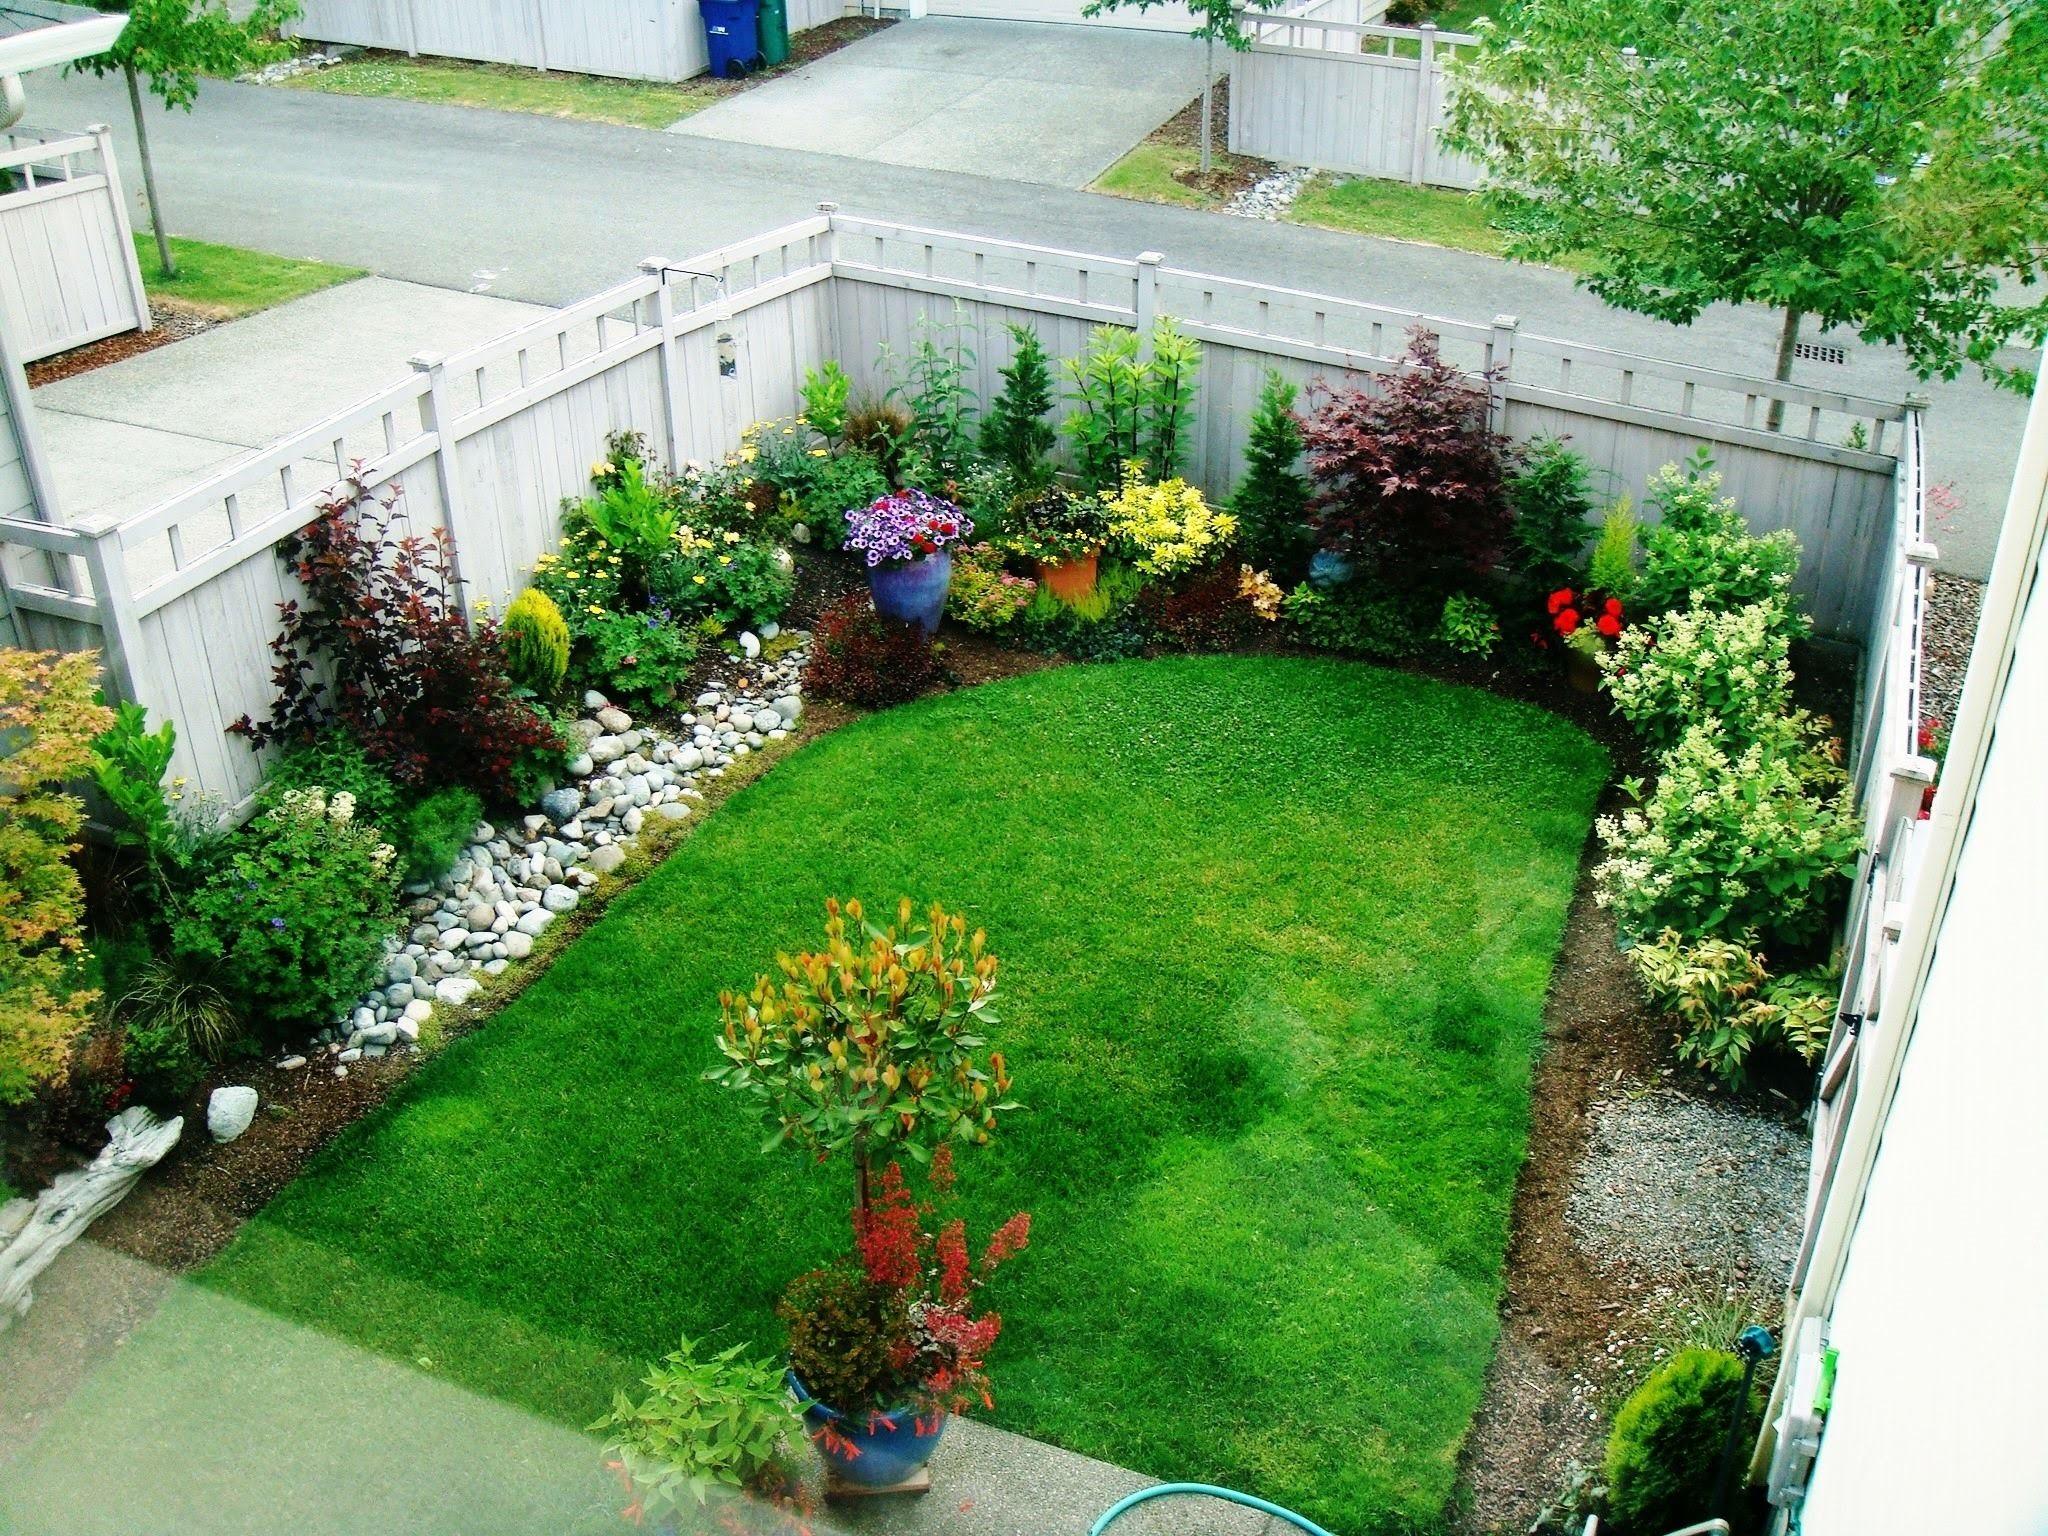 Trik Membuat Taman Sempit Terasa Menyenangkan Rumah Dan Gaya Hidup Rumah Com Tips membuat taman minimalis